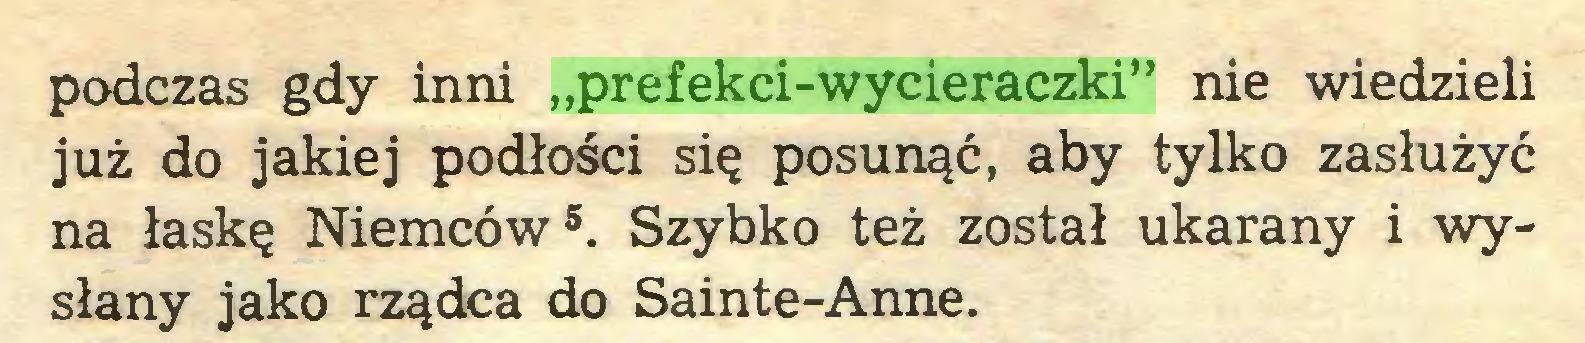 """(...) podczas gdy inni """"prefekci-wycieraczki"""" nie wiedzieli już do jakiej podłości się posunąć, aby tylko zasłużyć na łaskę Niemców5. Szybko też został ukarany i wysłany jako rządca do Sainte-Anne..."""